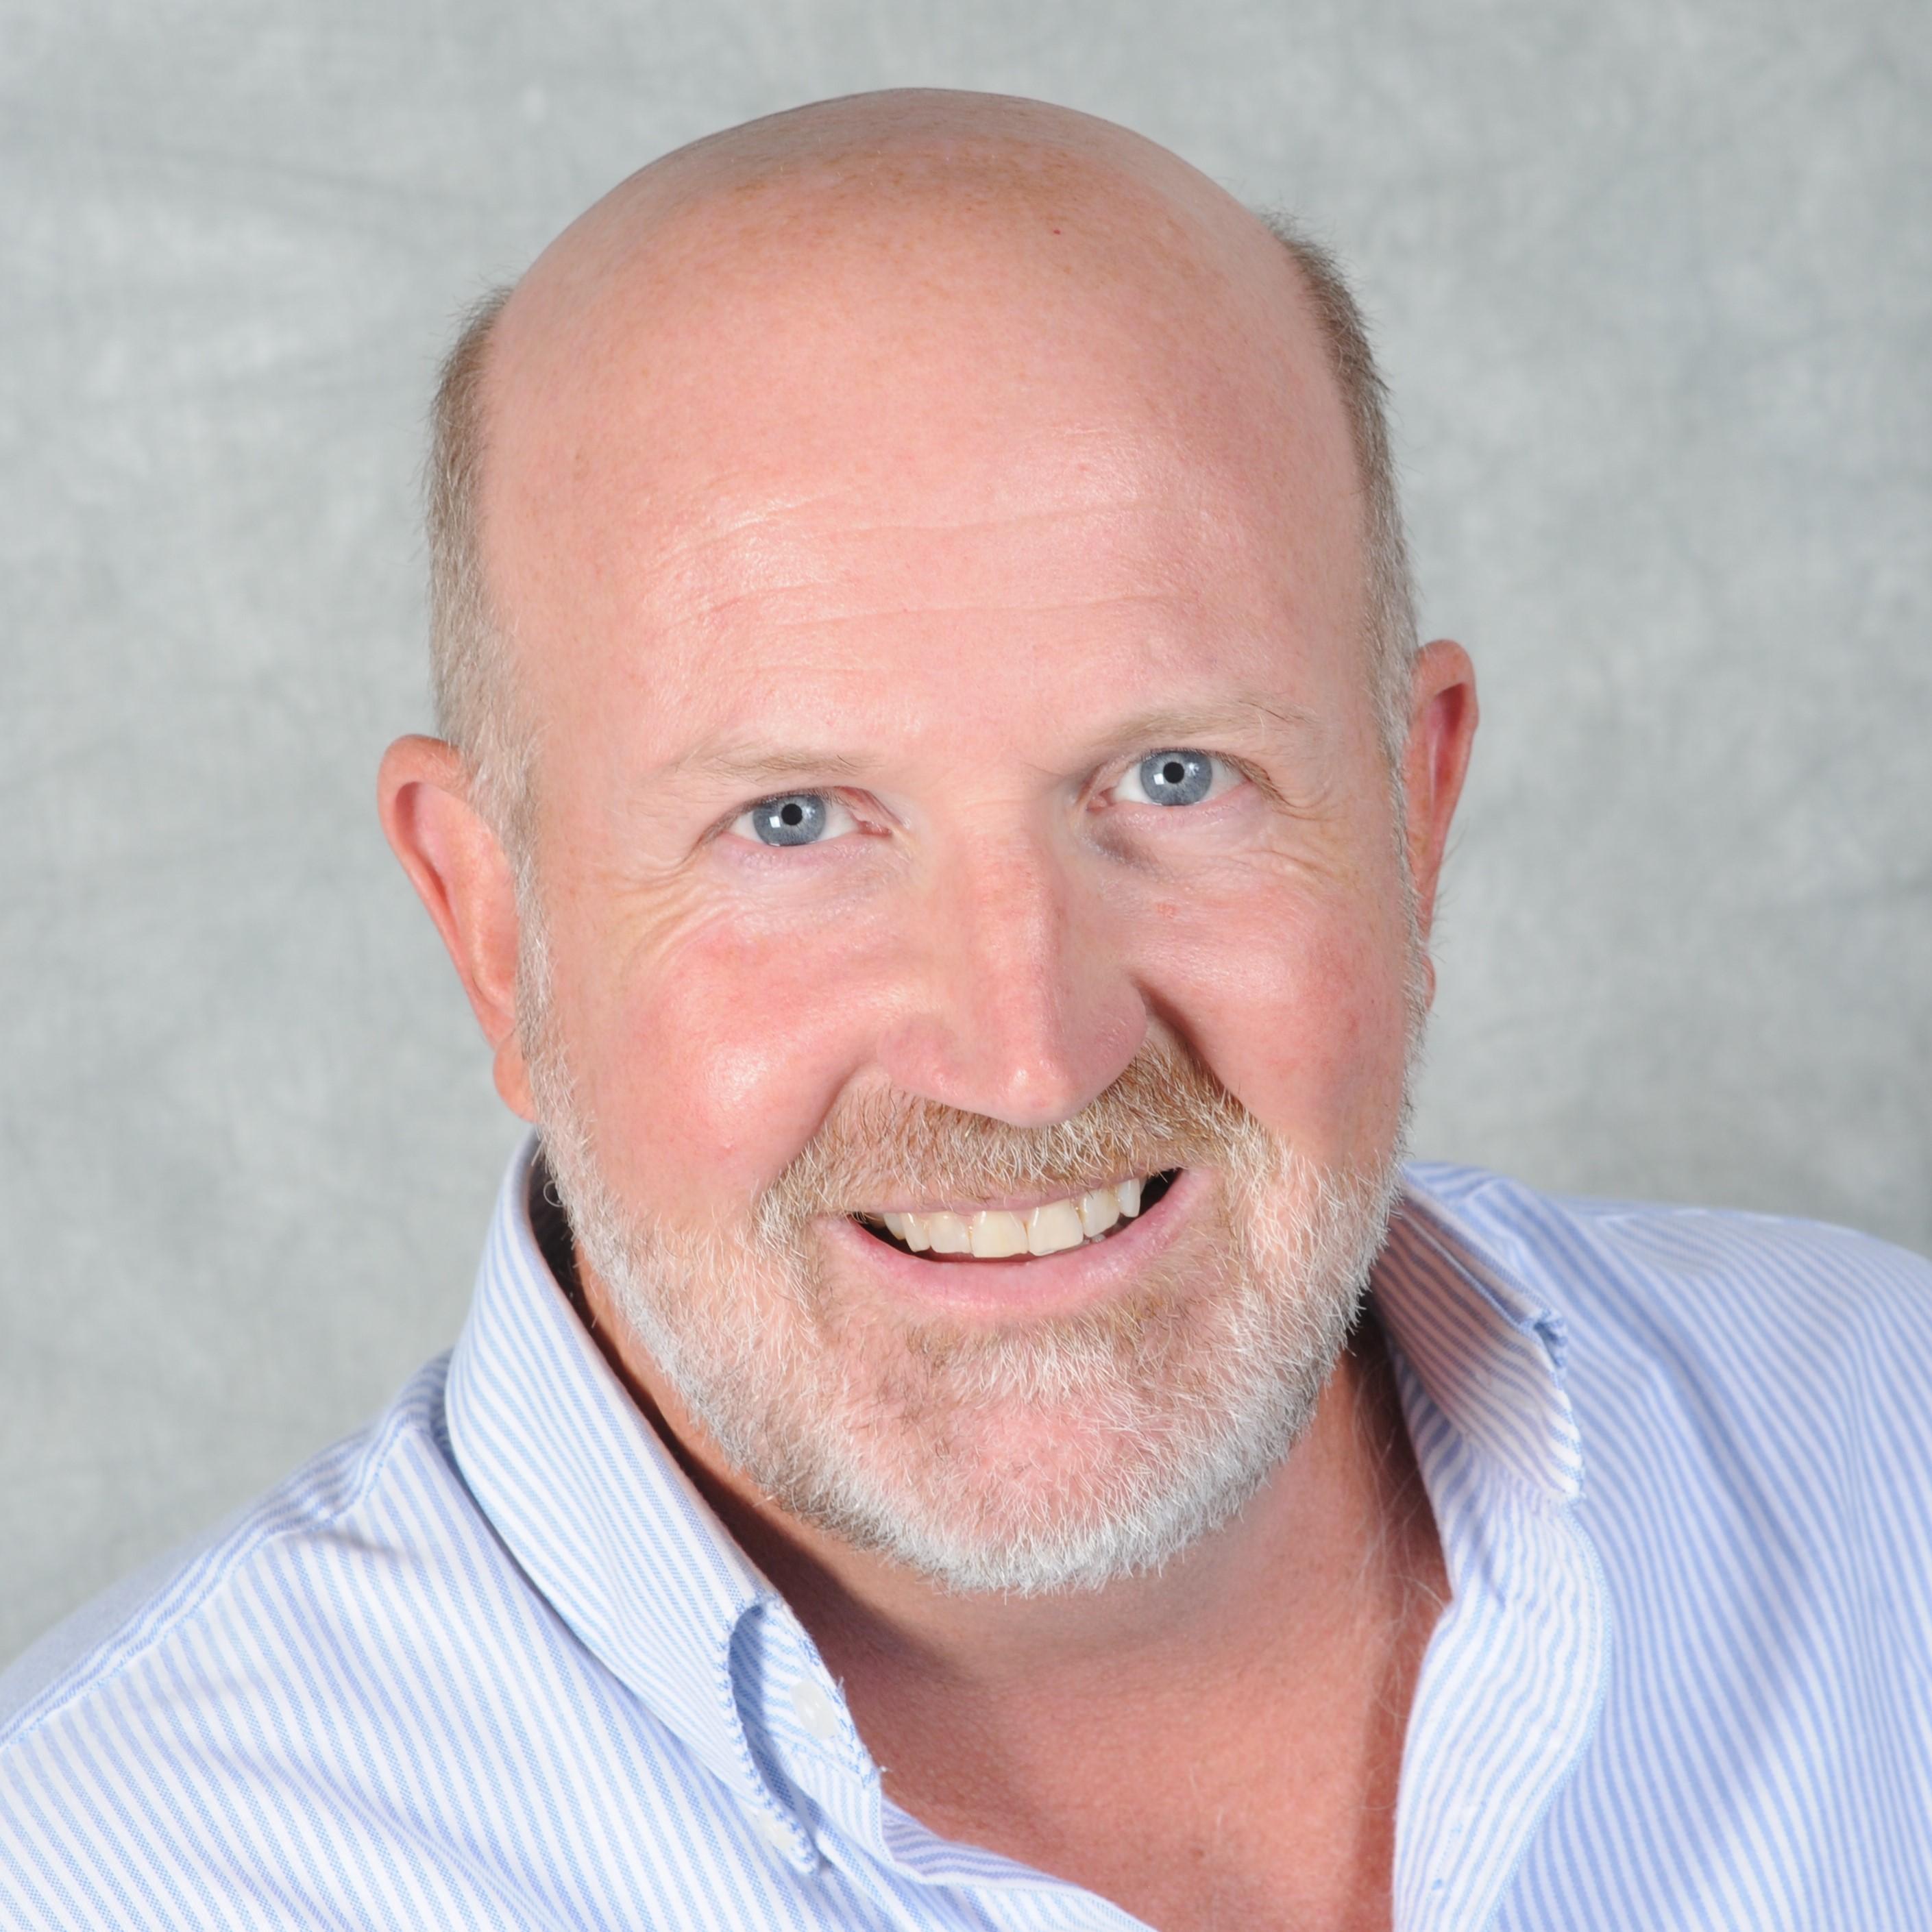 Clint Hoffman